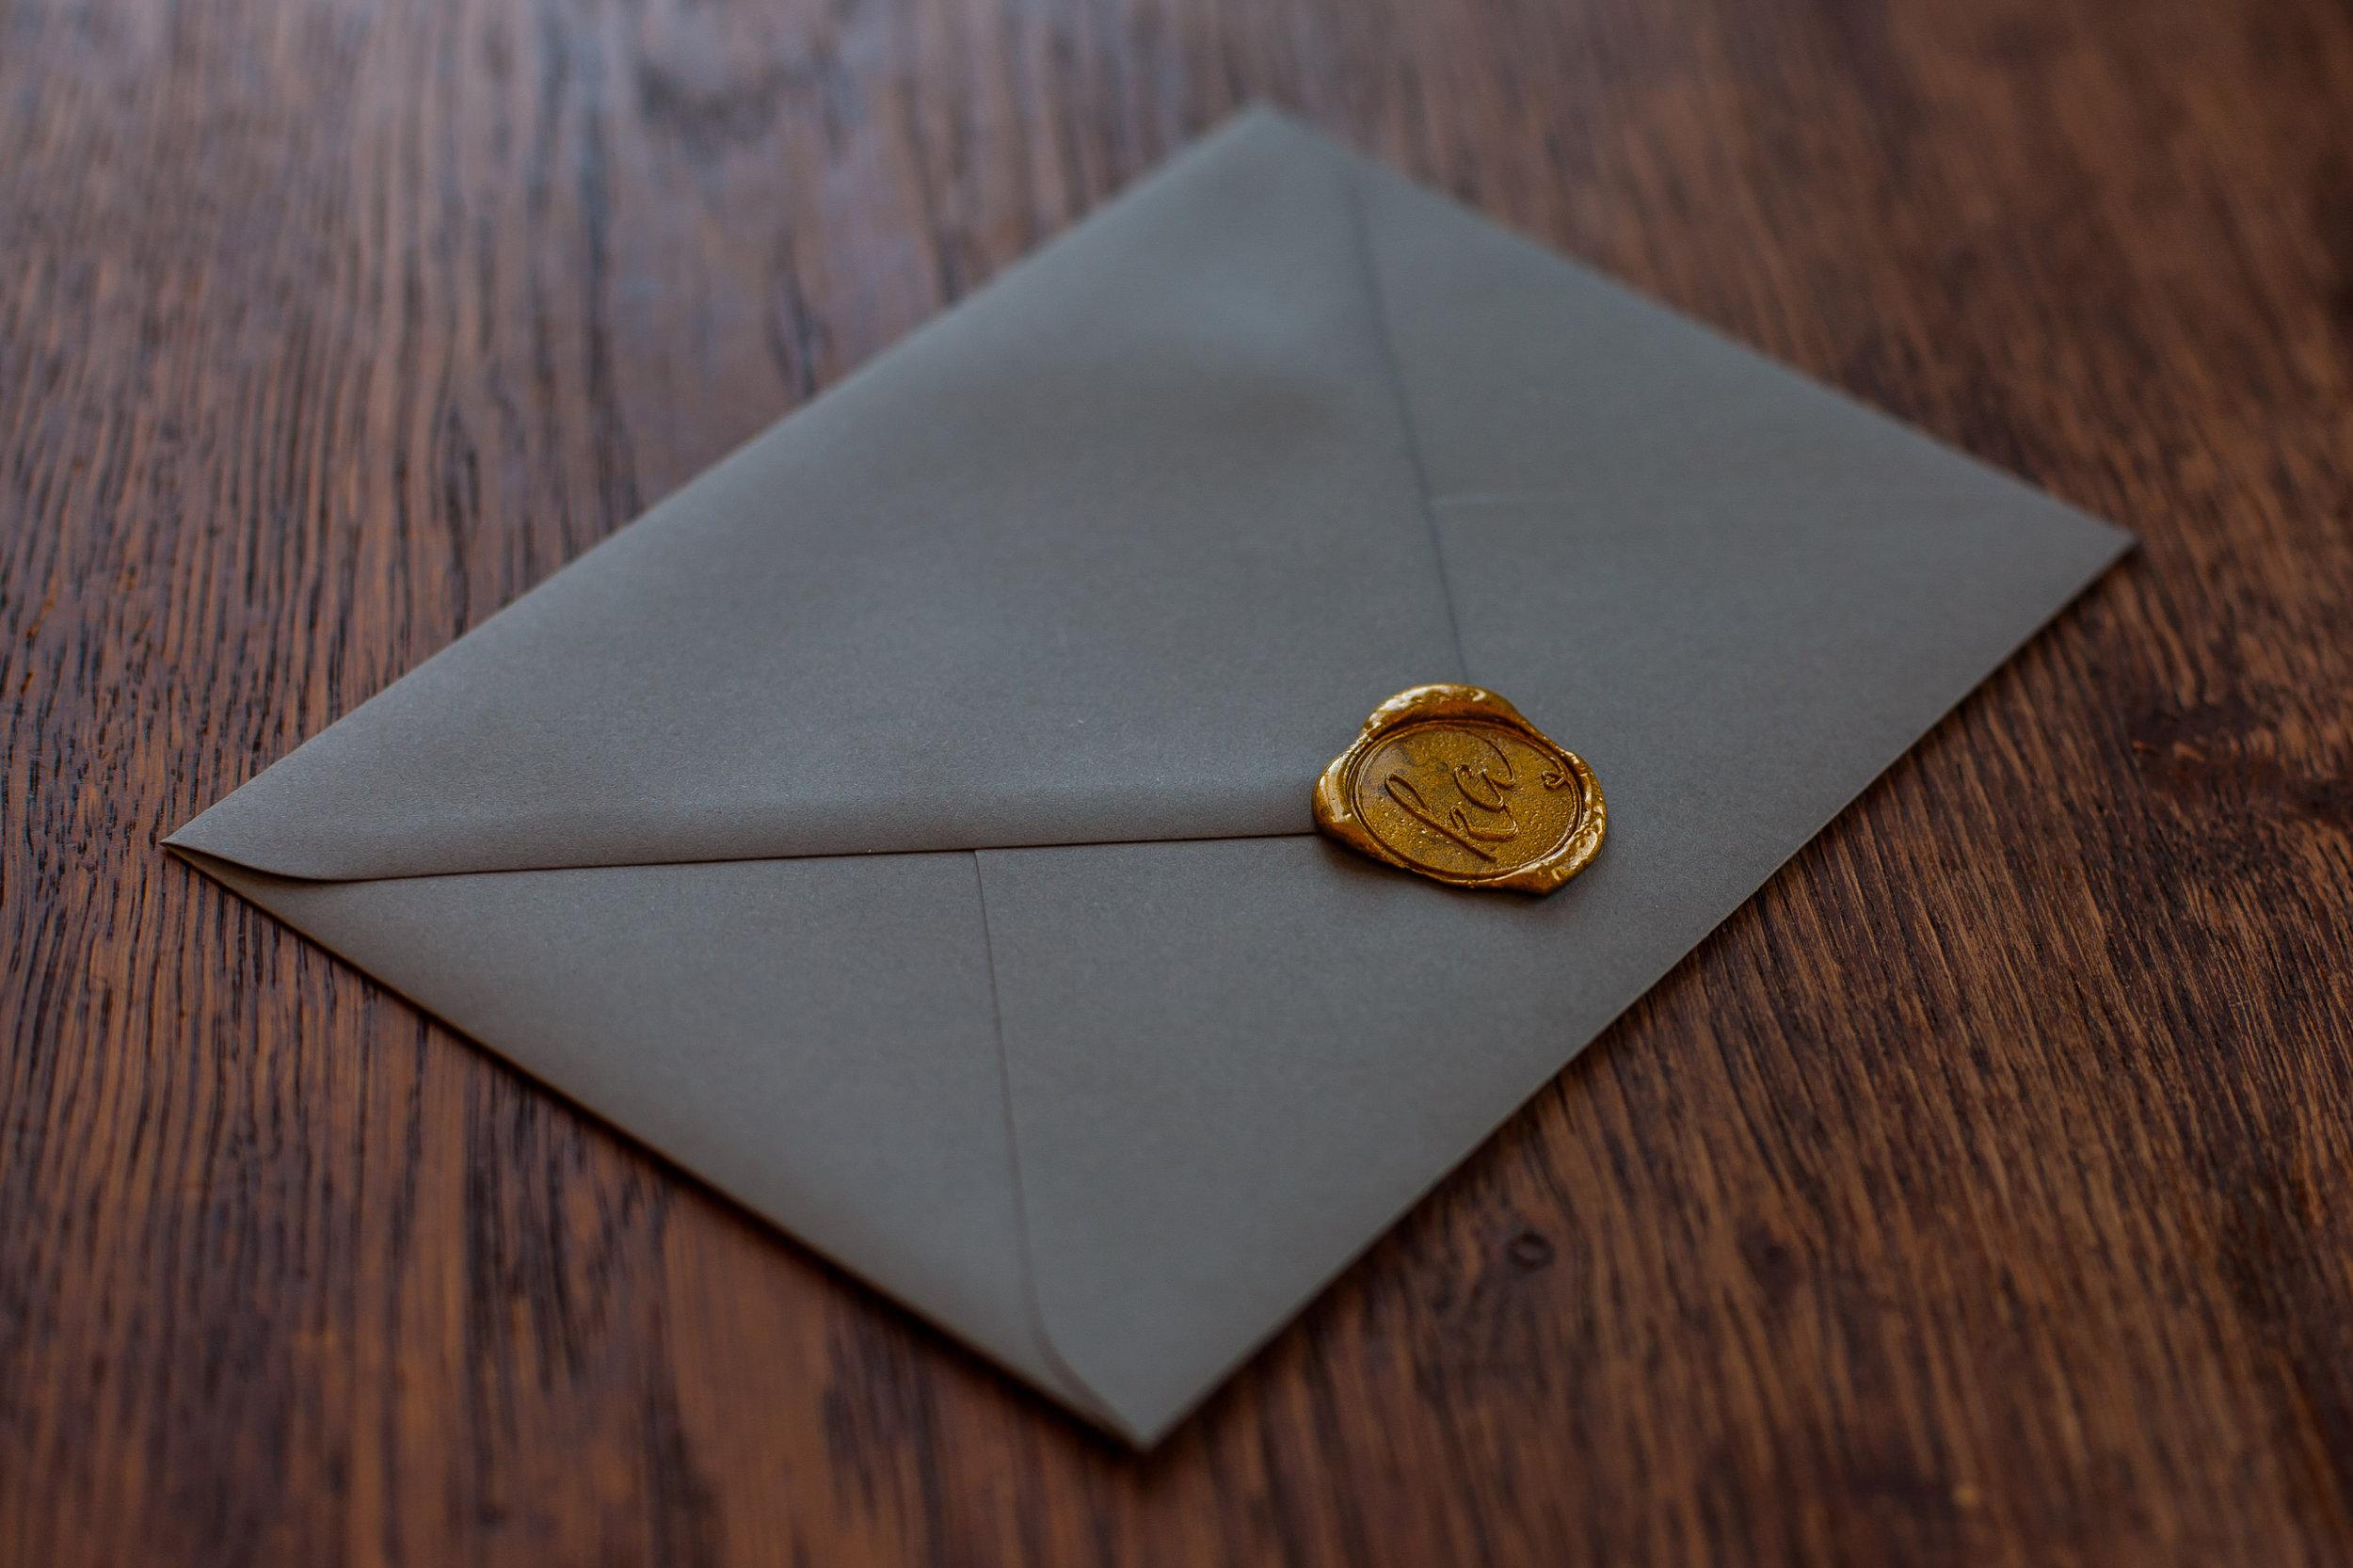 Grauer Briefumschlag und goldenem Siegel